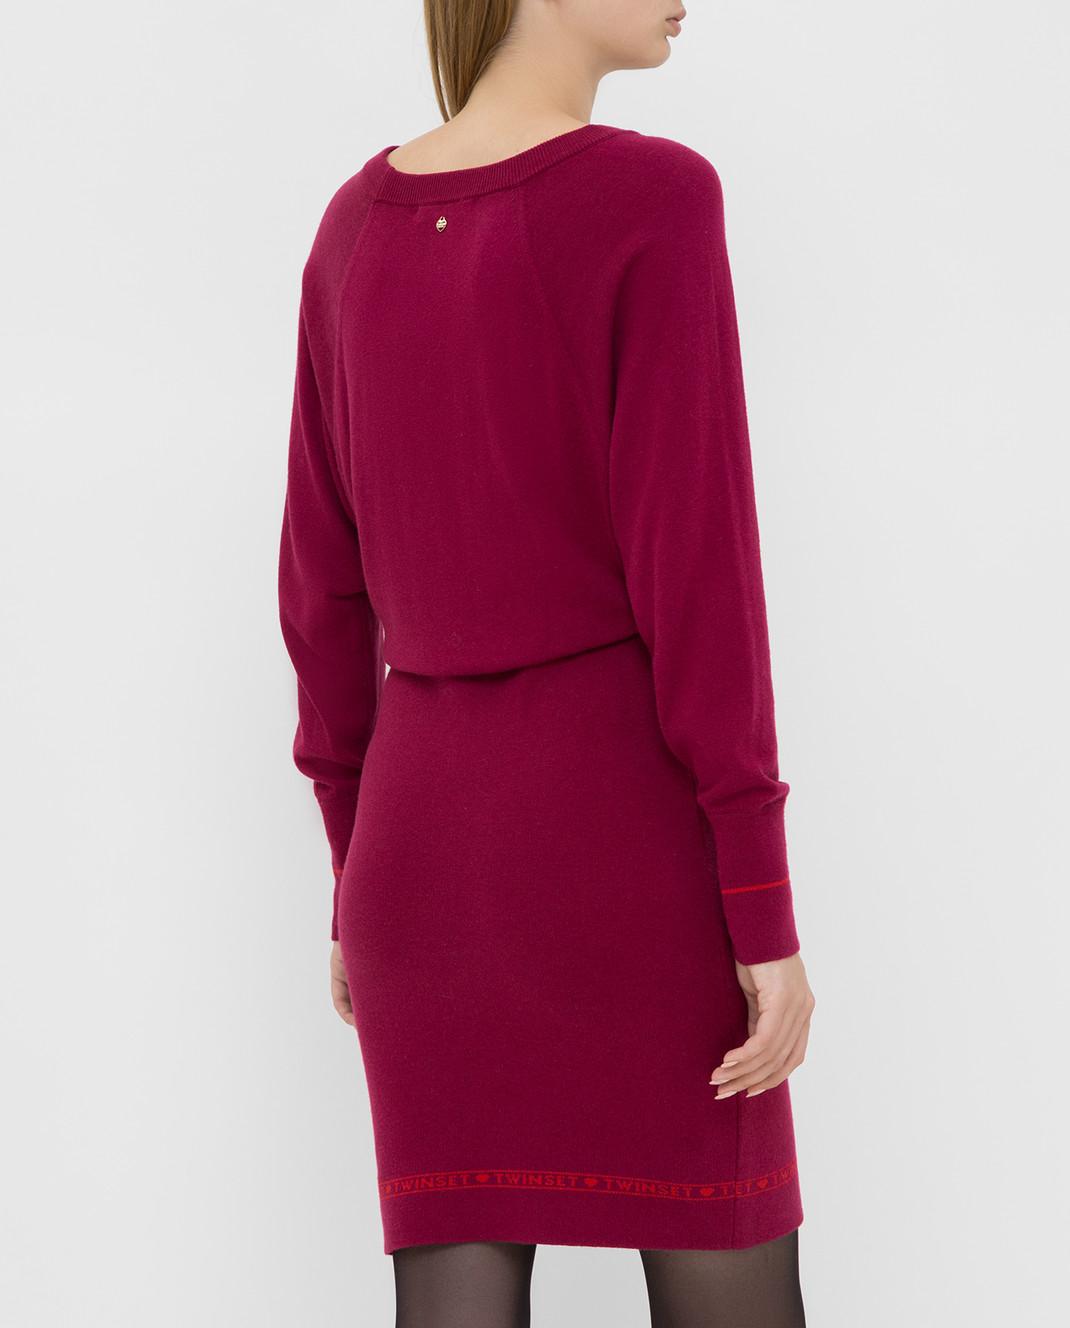 Twin Set Малиновое платье 192TP3154 изображение 4